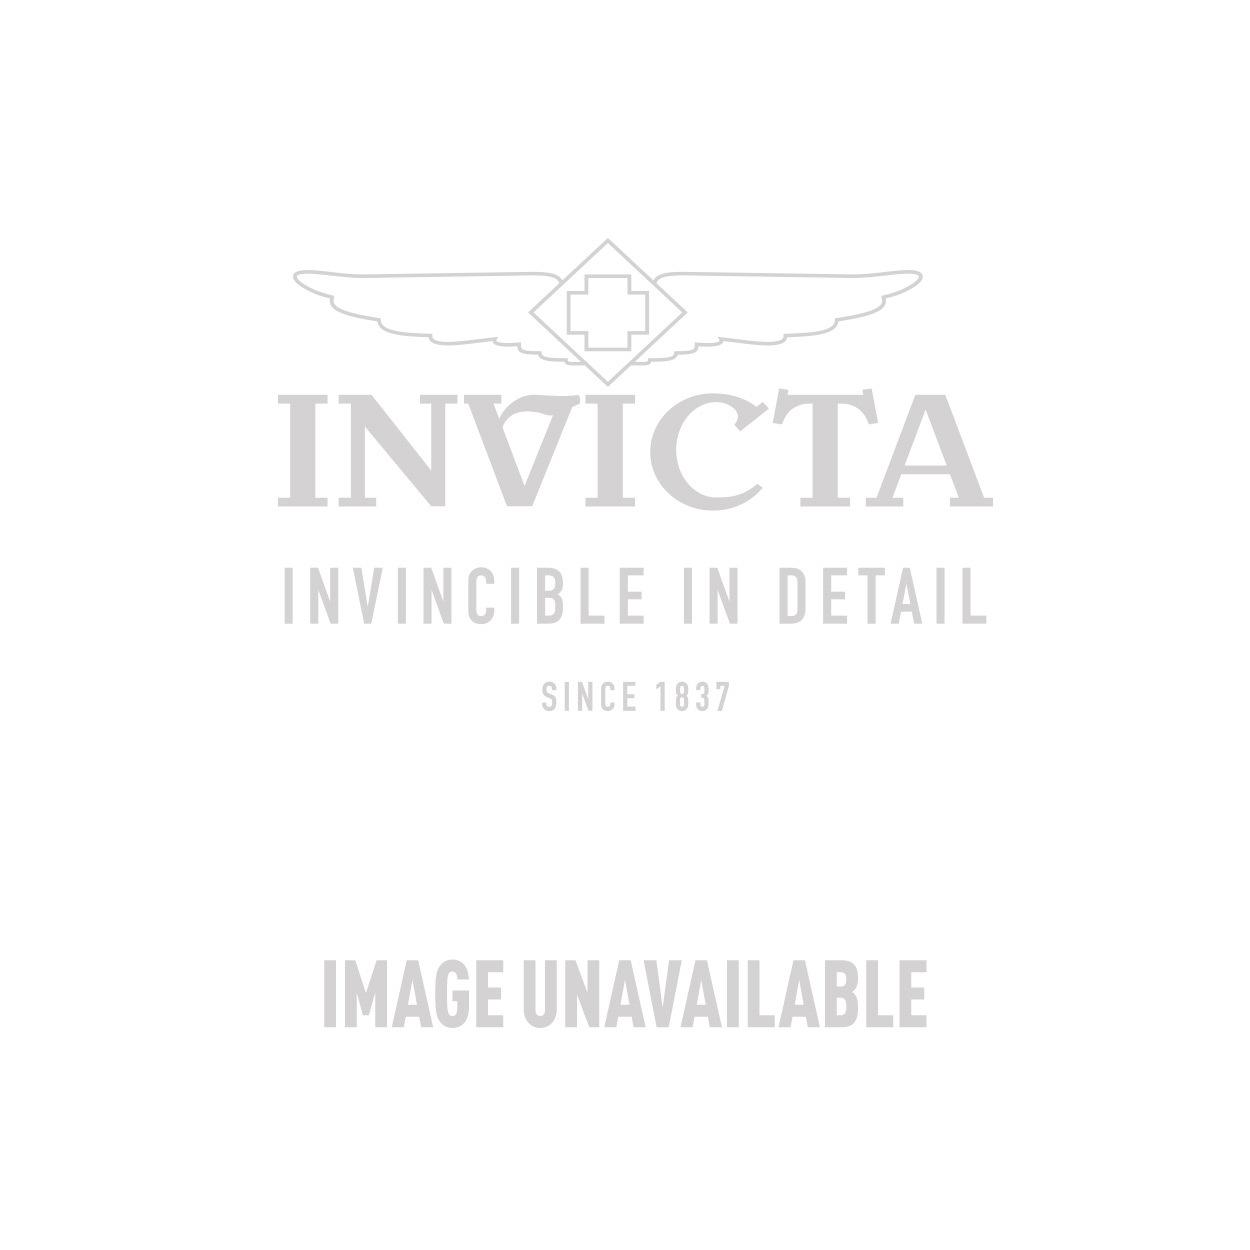 Invicta Model 25541